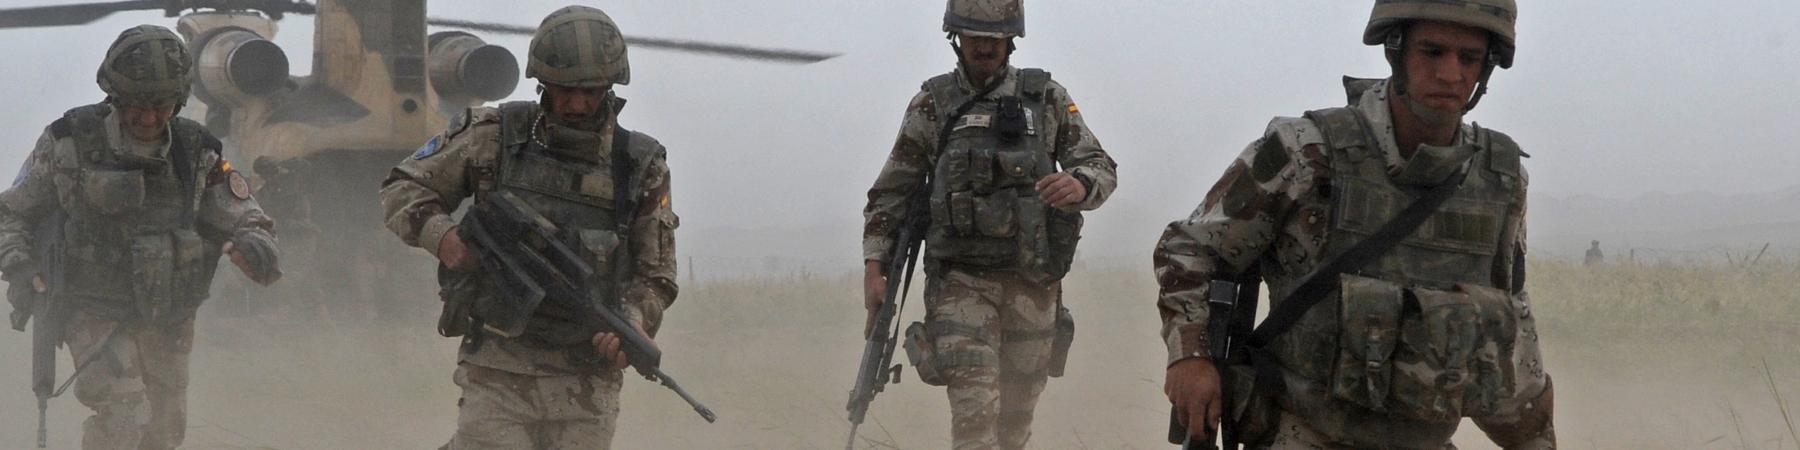 Oposiciones a las Fuerzas Armadas Centro Da Vinci